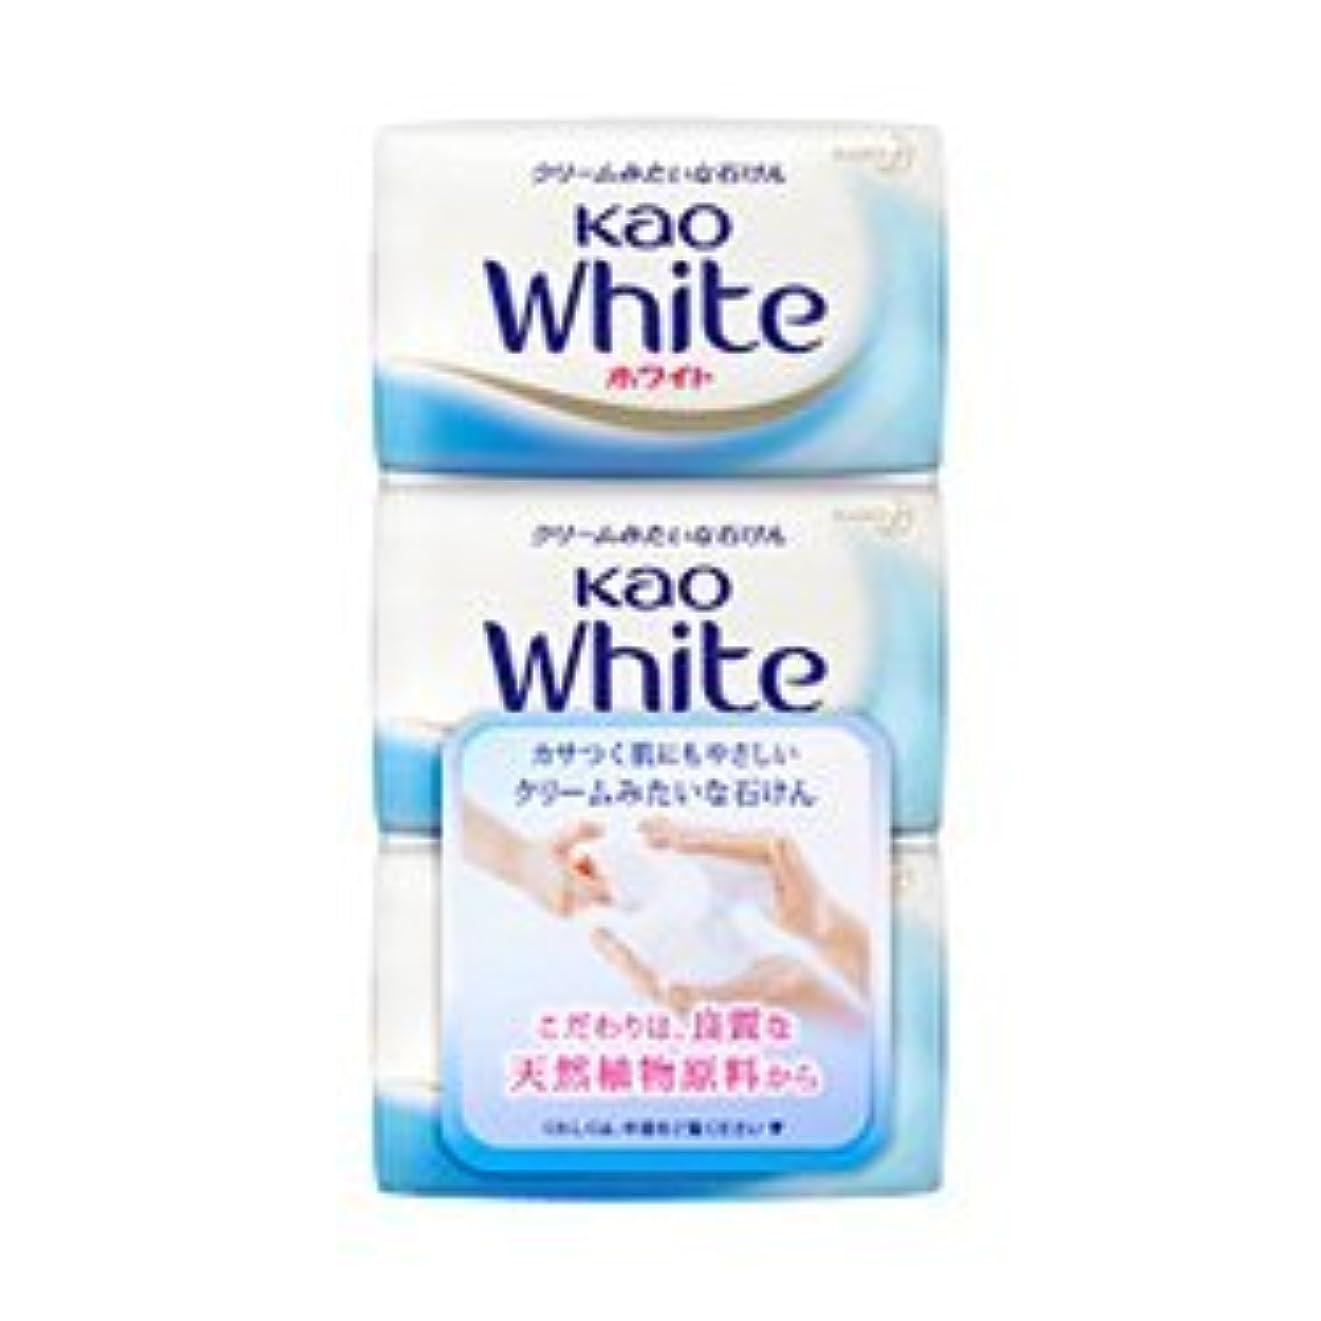 領事館法律により会議【花王】花王ホワイト レギュラーサイズ (85g×3個) ×10個セット